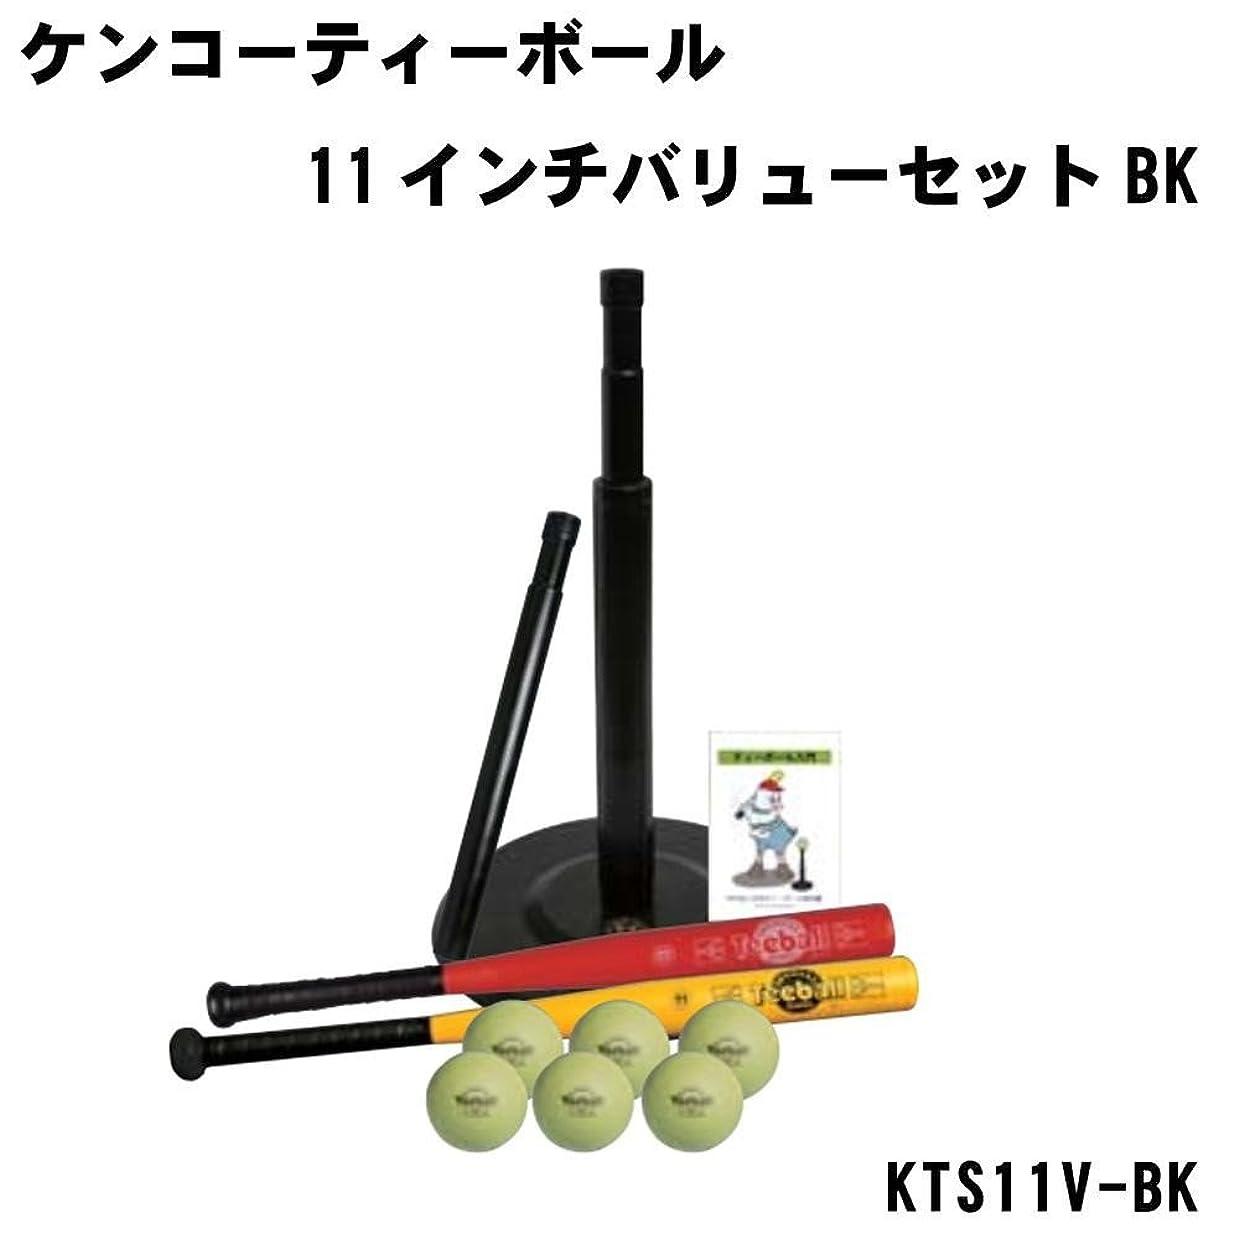 曲げる優先権必要ナガセケンコー ケンコーティーボール11インチバリューセットBK KTS11V-BK